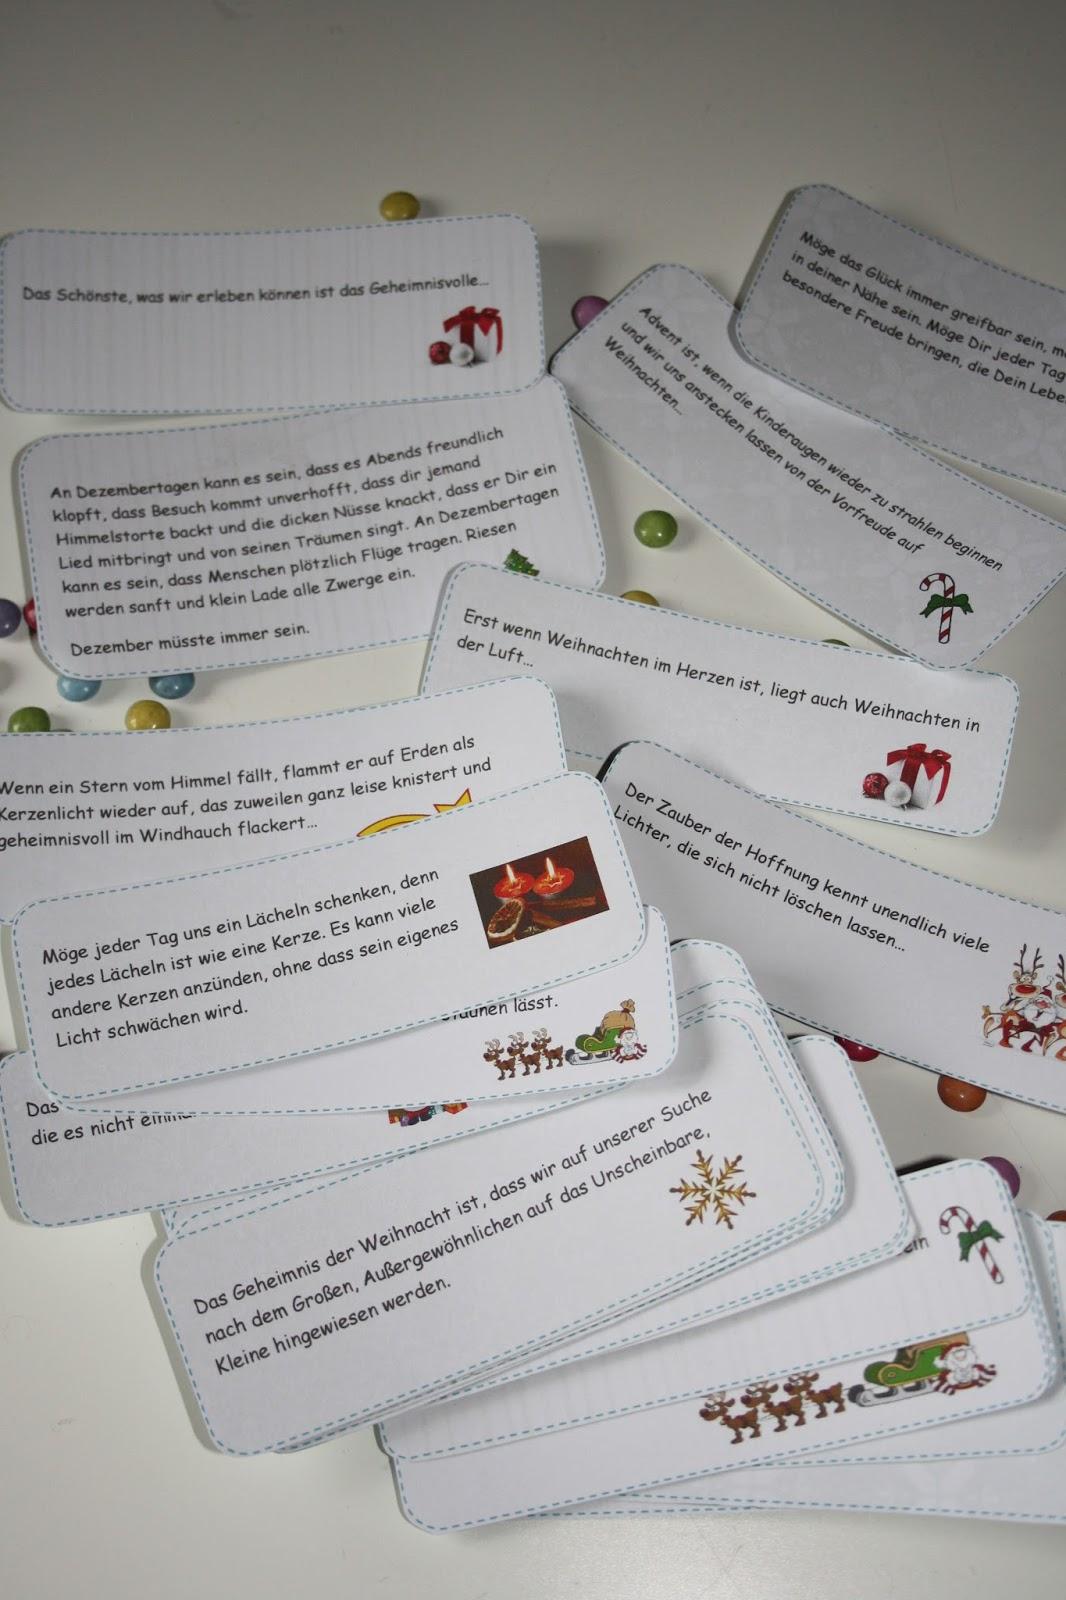 adventskalender sprüche für jeden tag klärchensstempelmärchen: Adventskalender 5,6 und 7 adventskalender sprüche für jeden tag